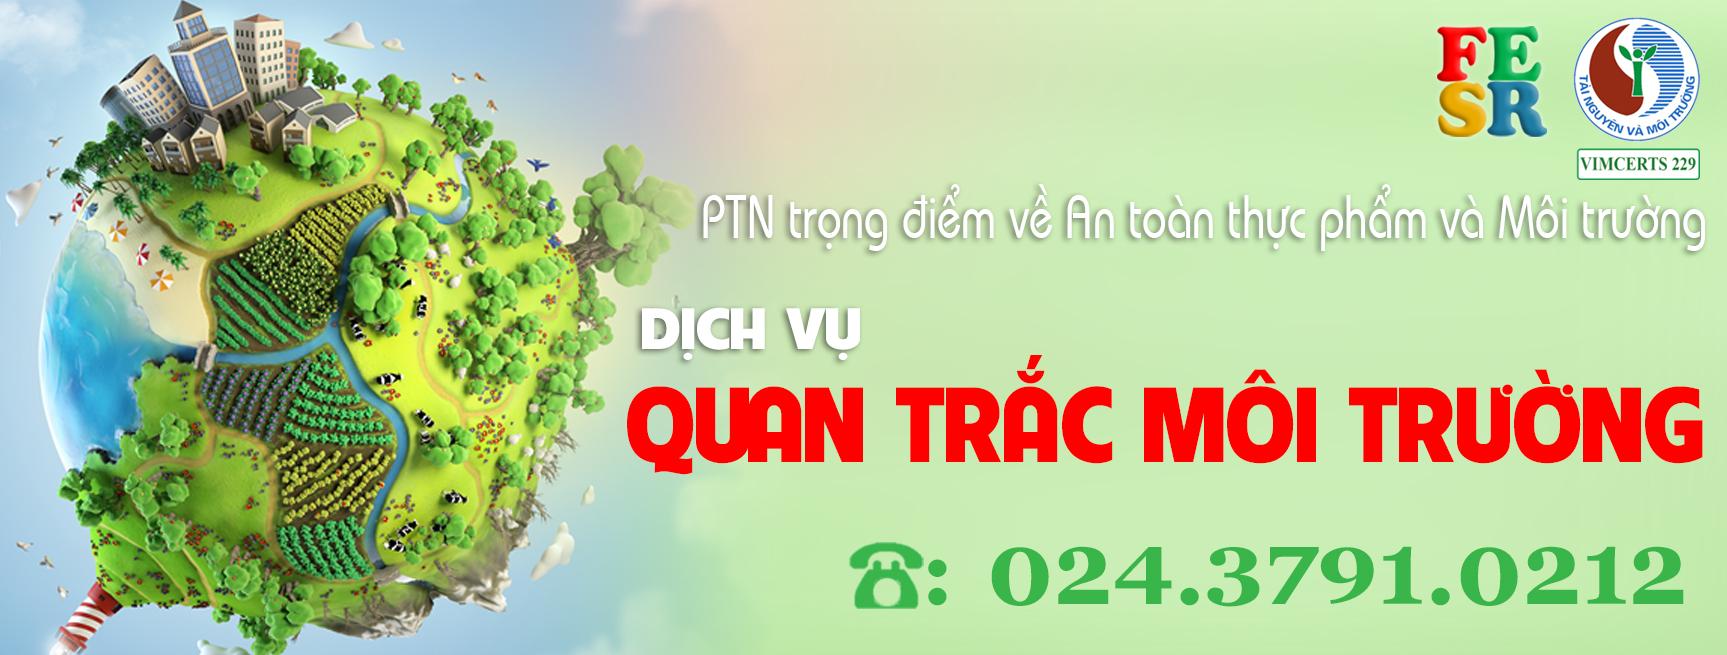 Quan Trắc Môi Trường Theo Tiêu Chuẩn Kỹ Thuật QCVN Việt Nam